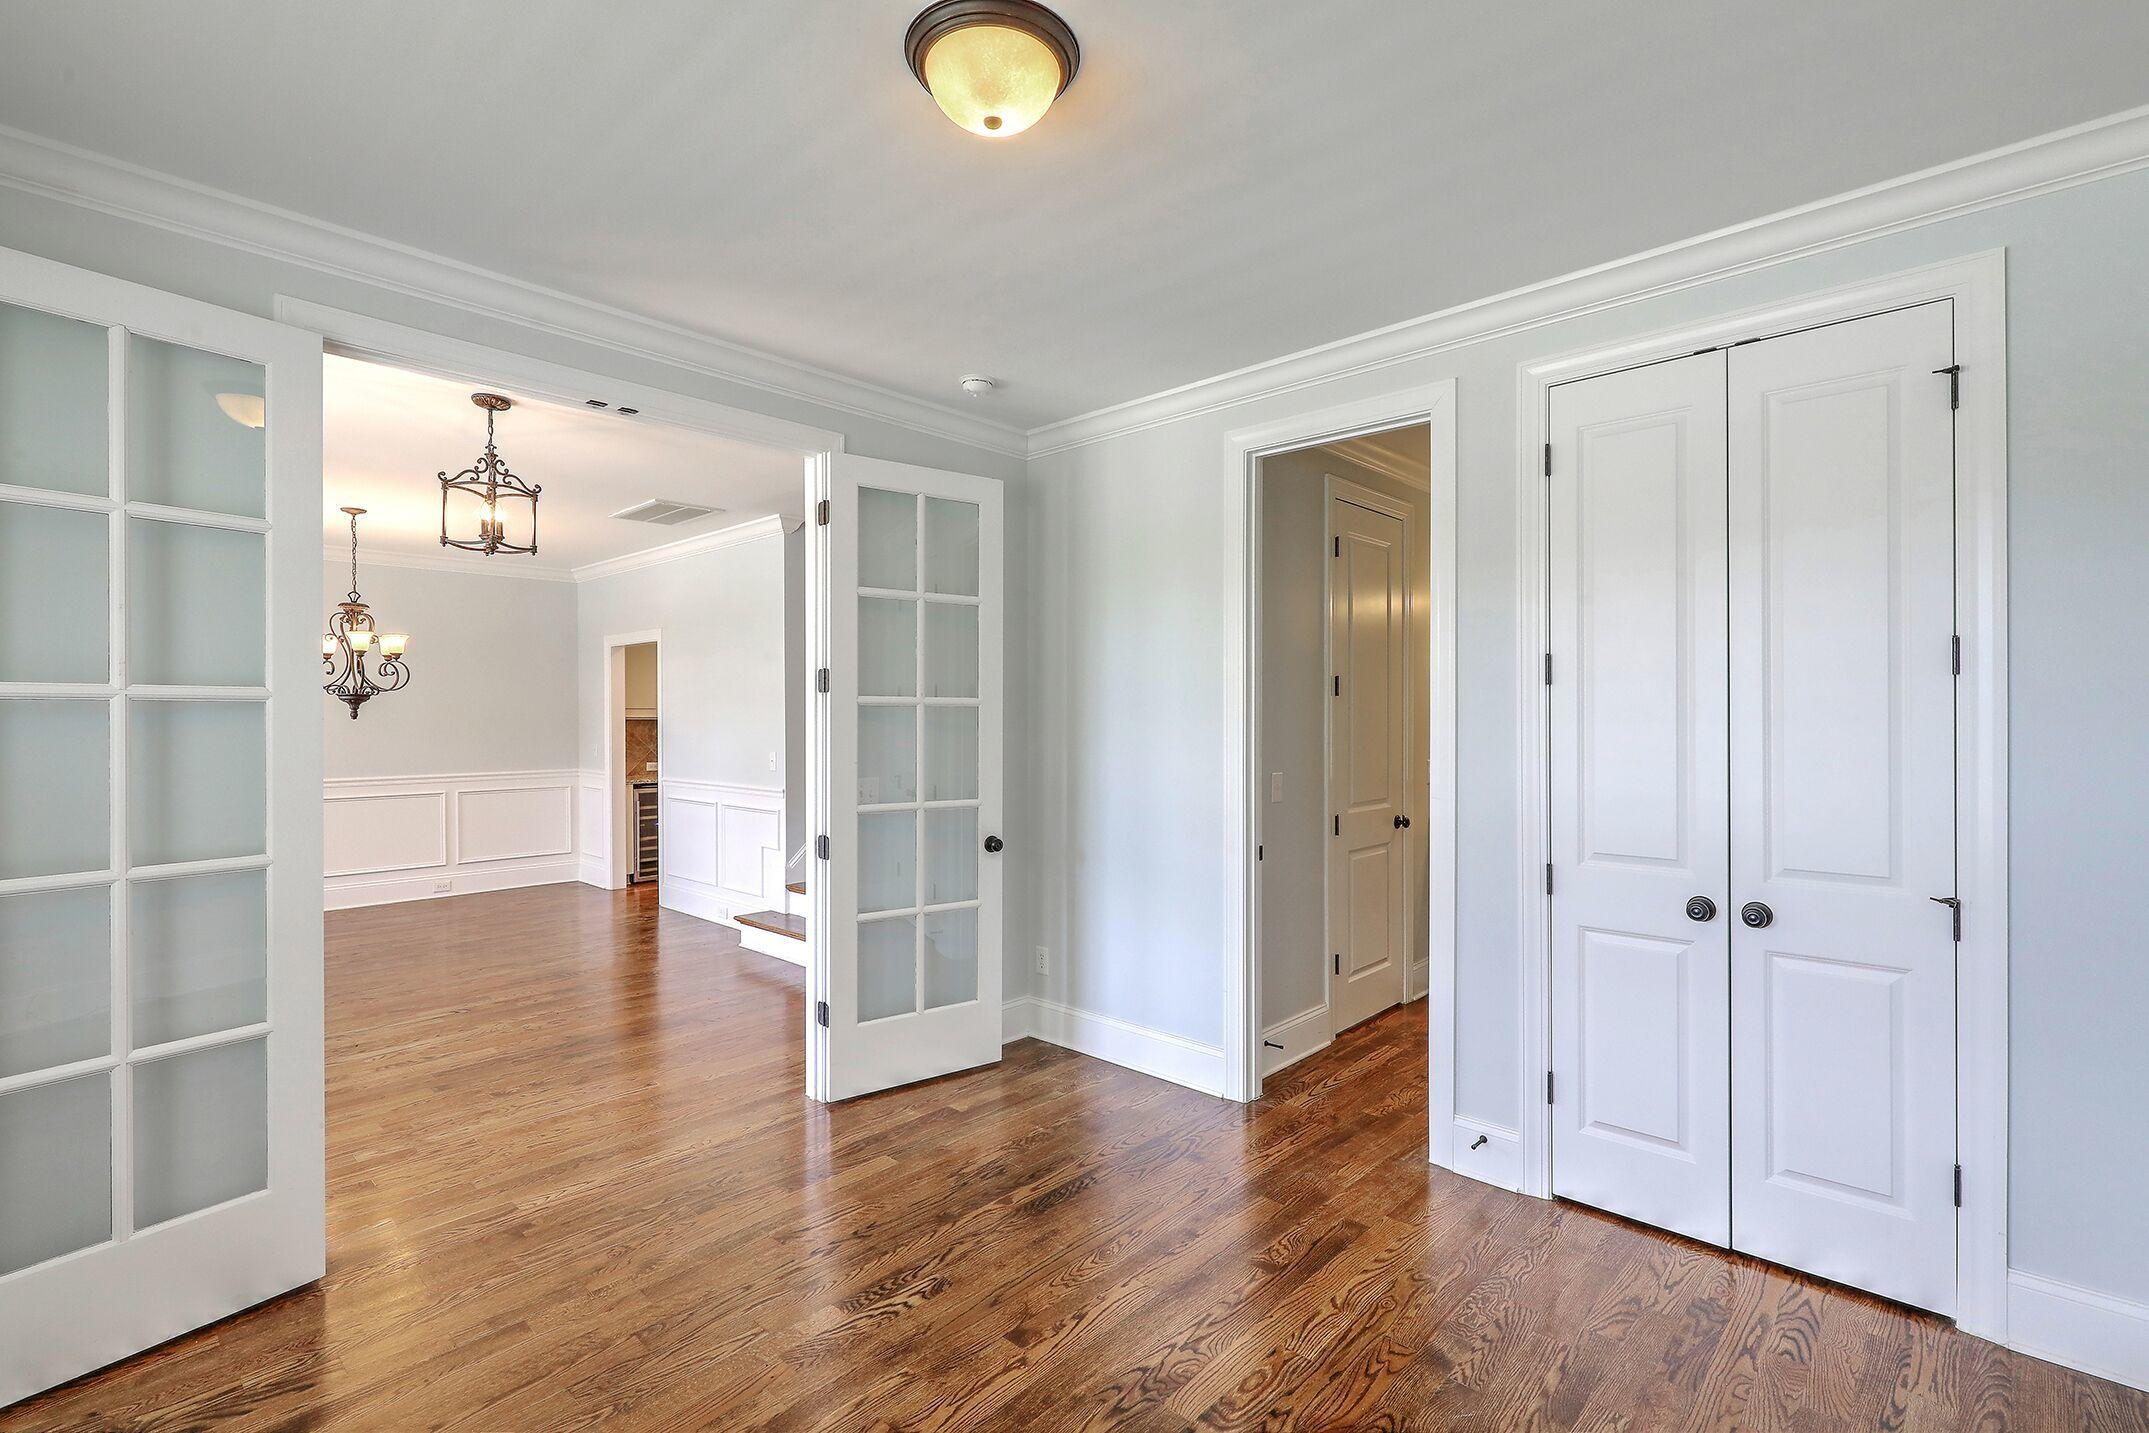 Dunes West Homes For Sale - 2970 Sturbridge, Mount Pleasant, SC - 36